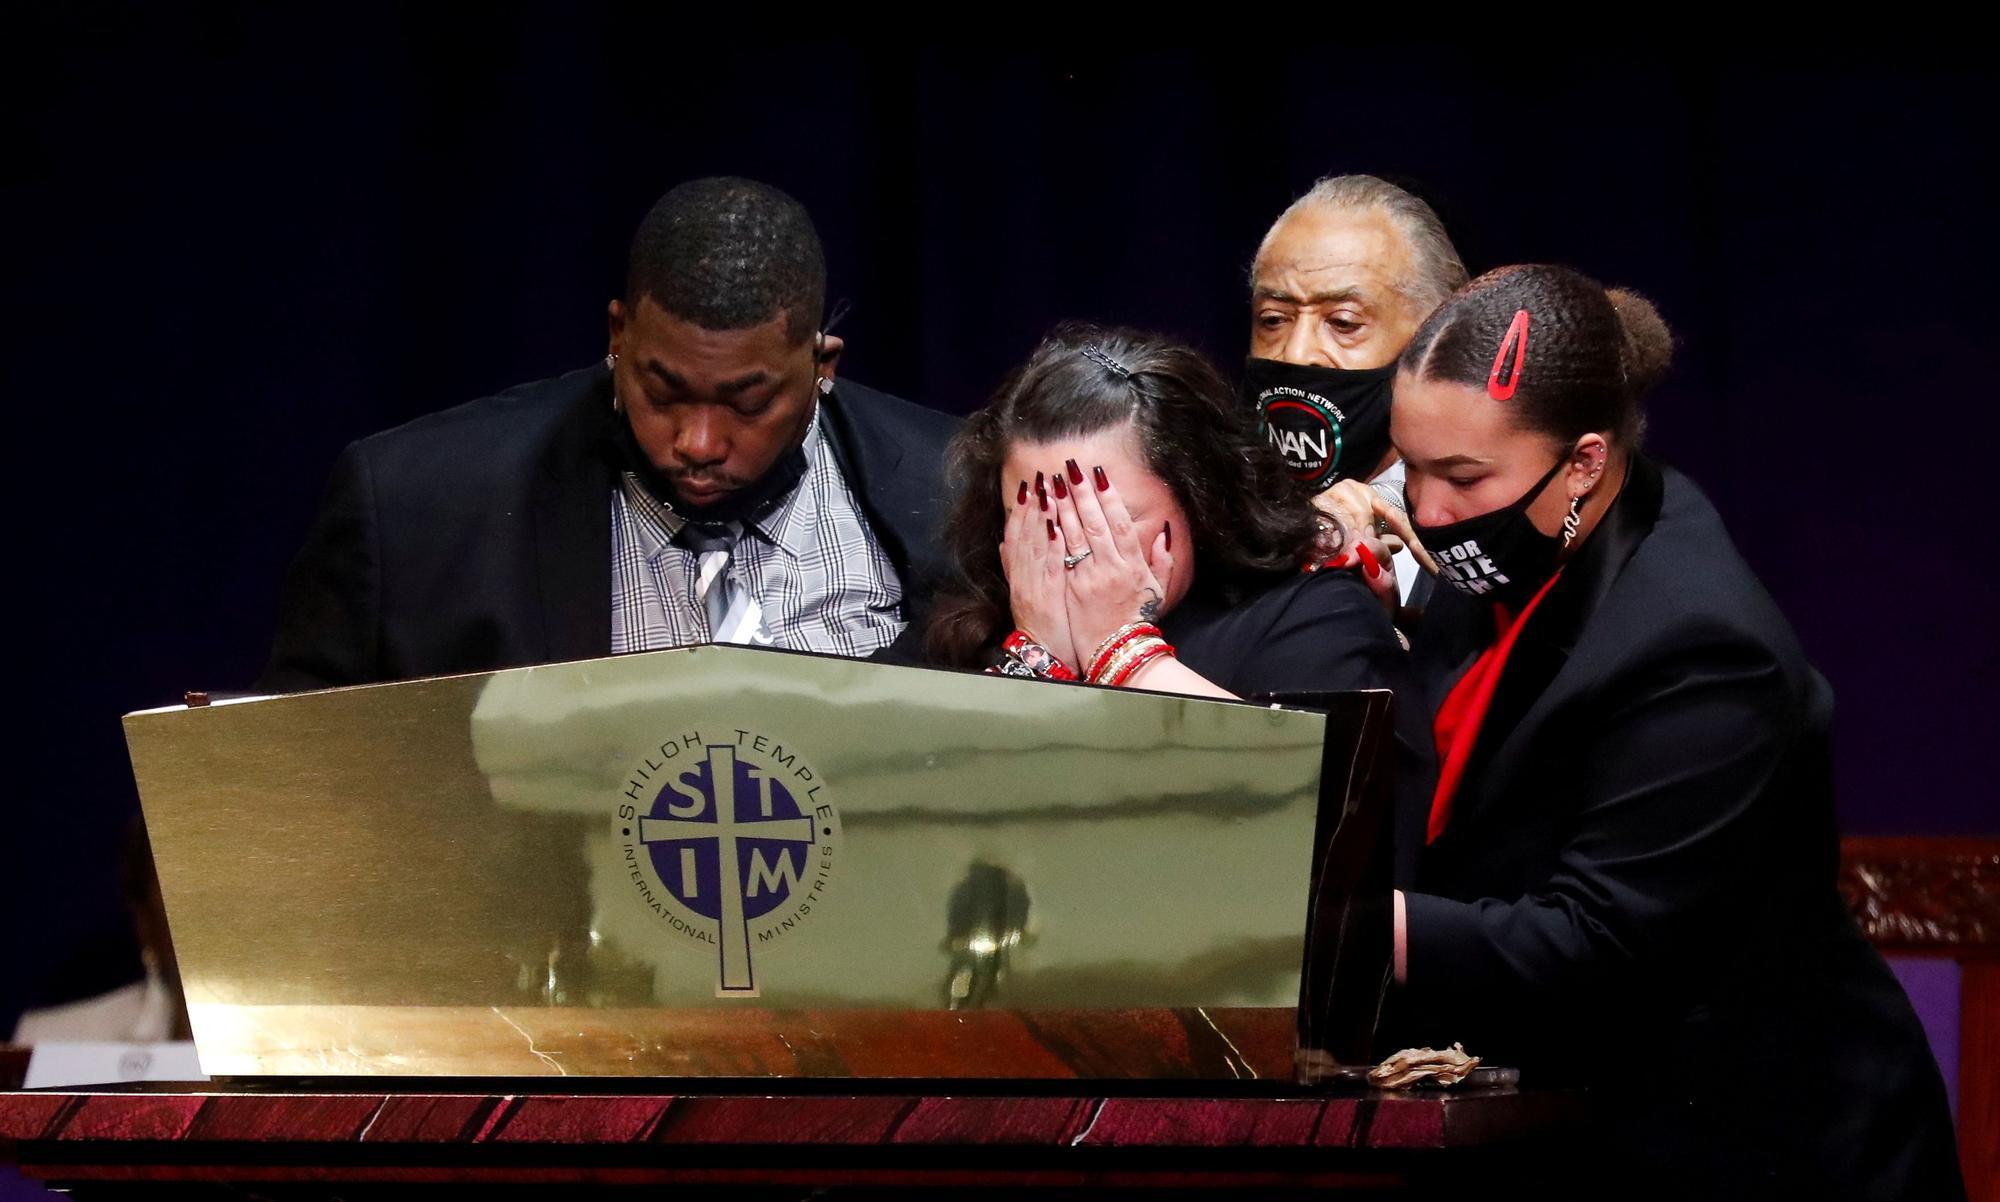 Familiares de Daunte Wright lloran en su funeral